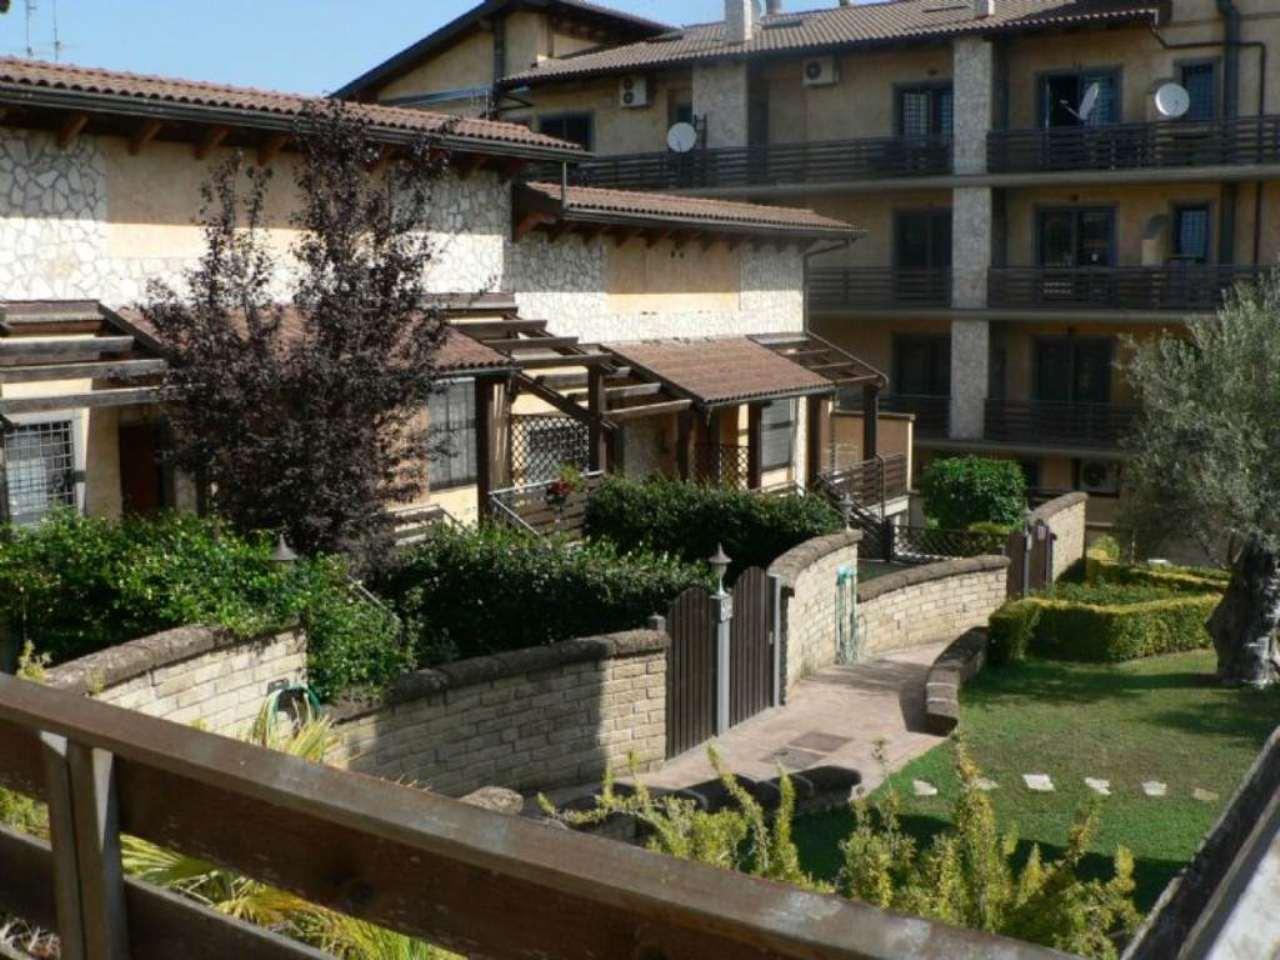 Villa in Vendita a Roma 17 Ciampino / Morena / Anagnina: 3 locali, 75 mq